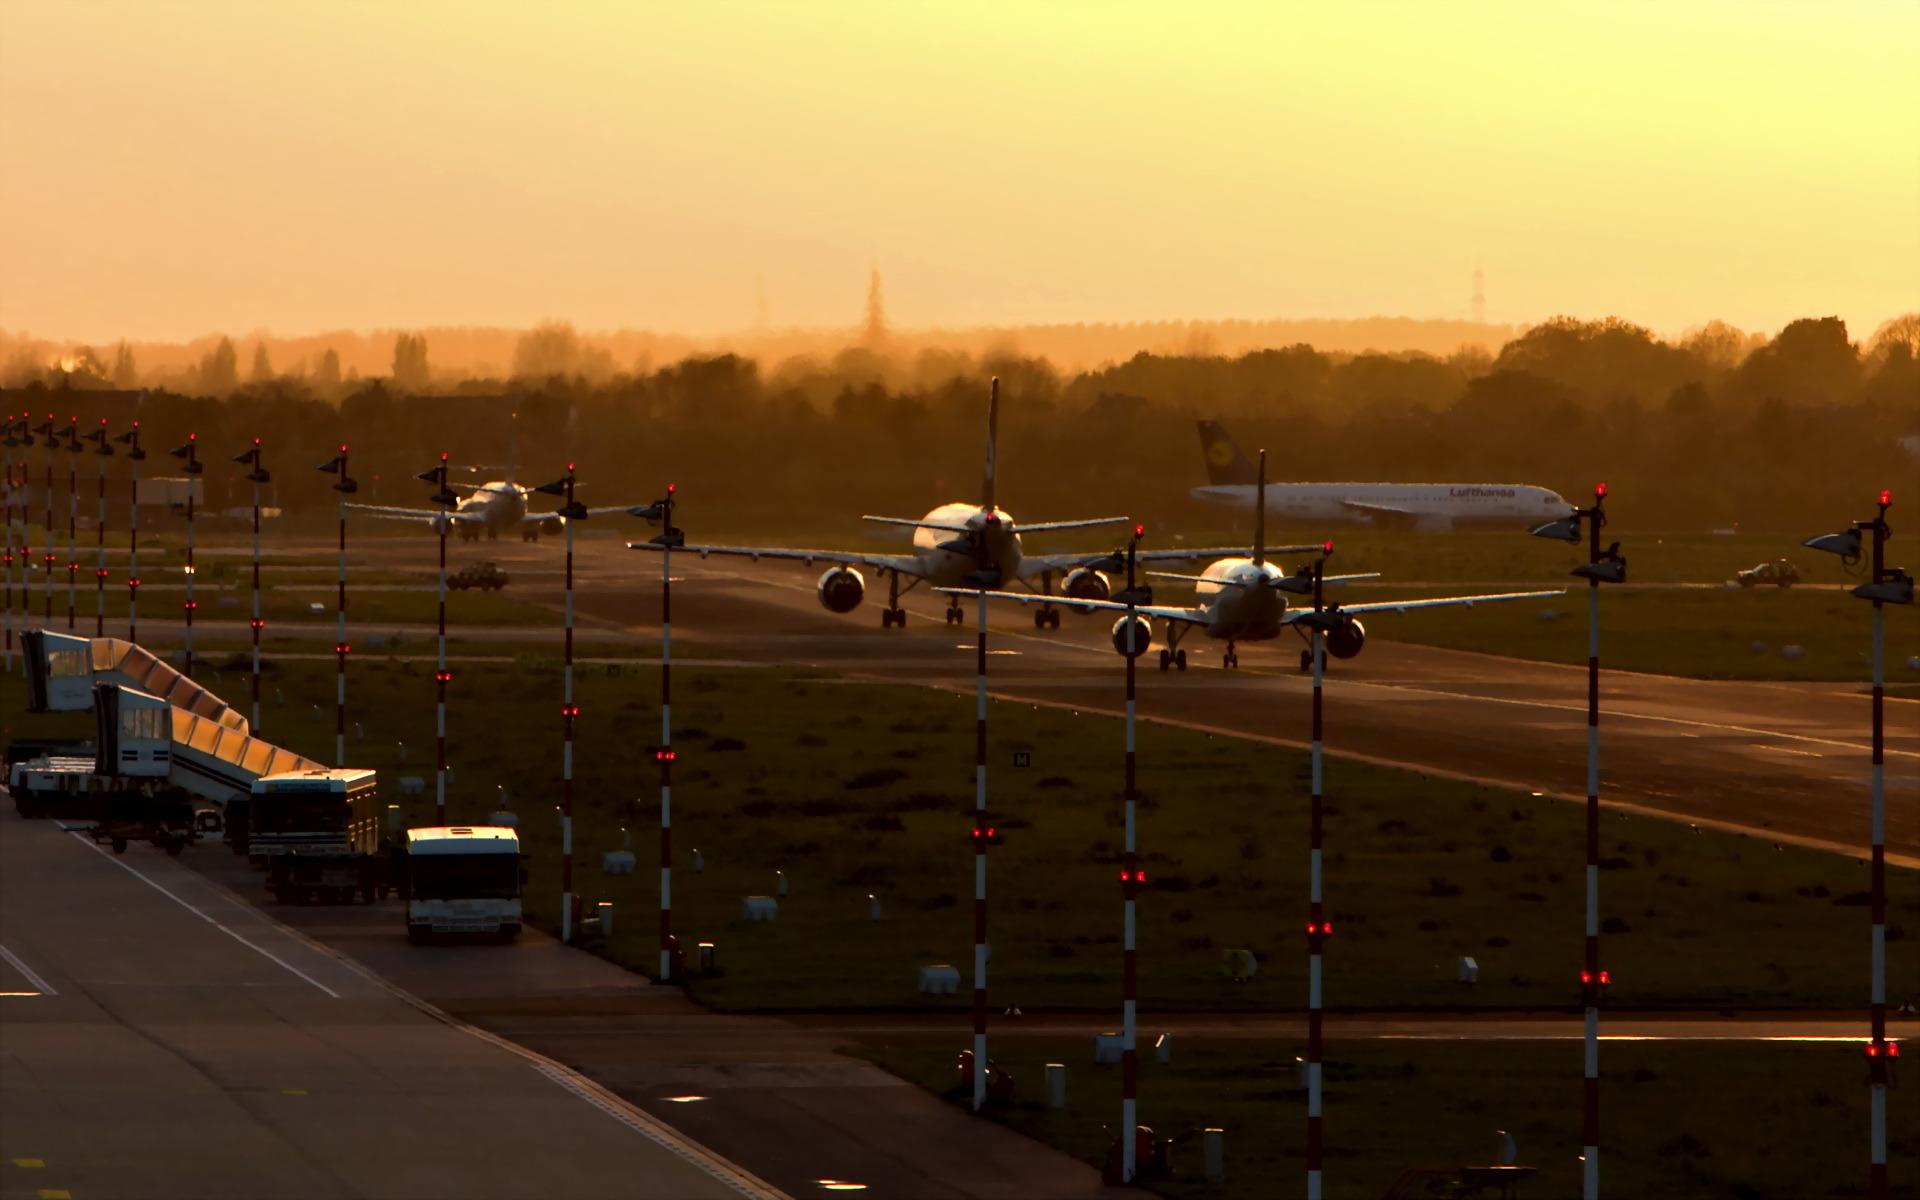 Wa11papers ru aircraft 1920x1200 056